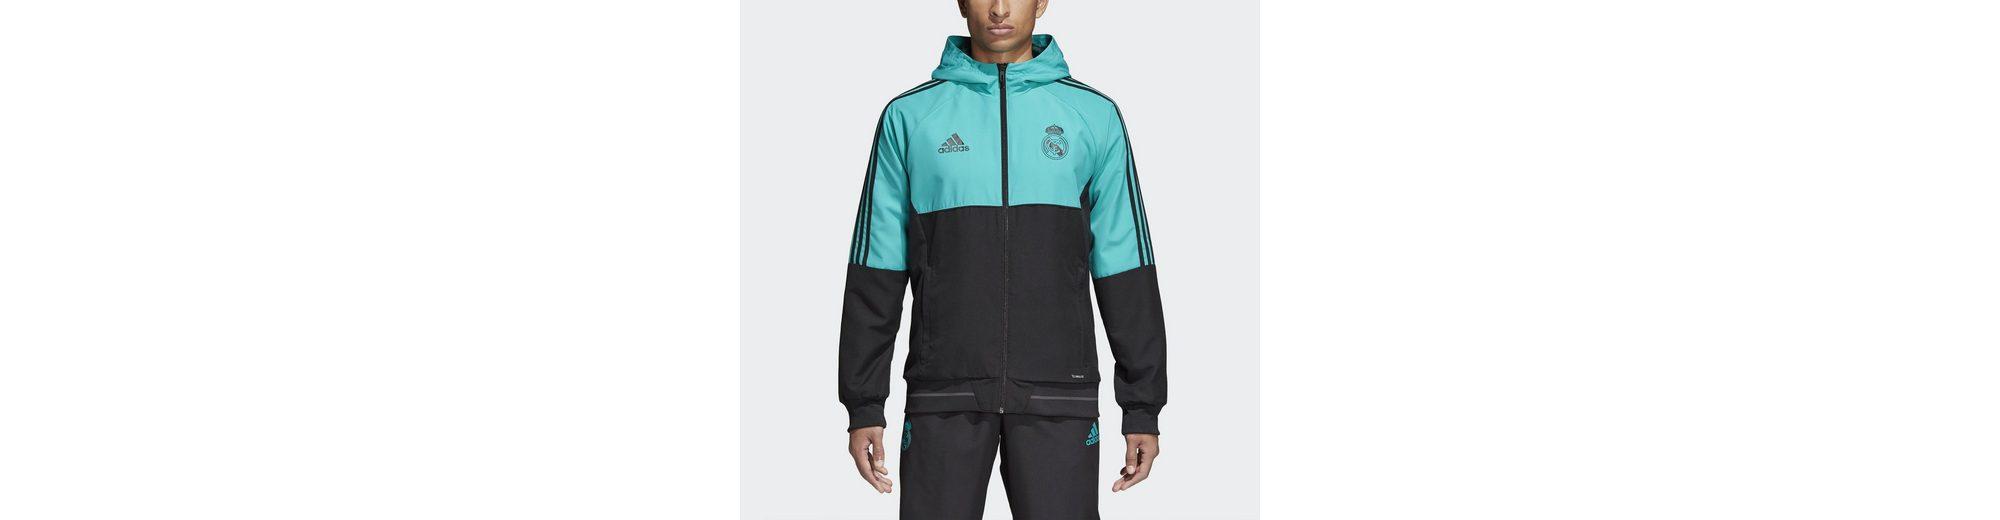 Freies Verschiffen Footaction adidas Performance Funktions-Kapuzensweatjacke Real Madrid Jacke Erschwinglich Bekommt Einen Rabatt Zu Kaufen Spielraum Rabatte OHYRSwlZ